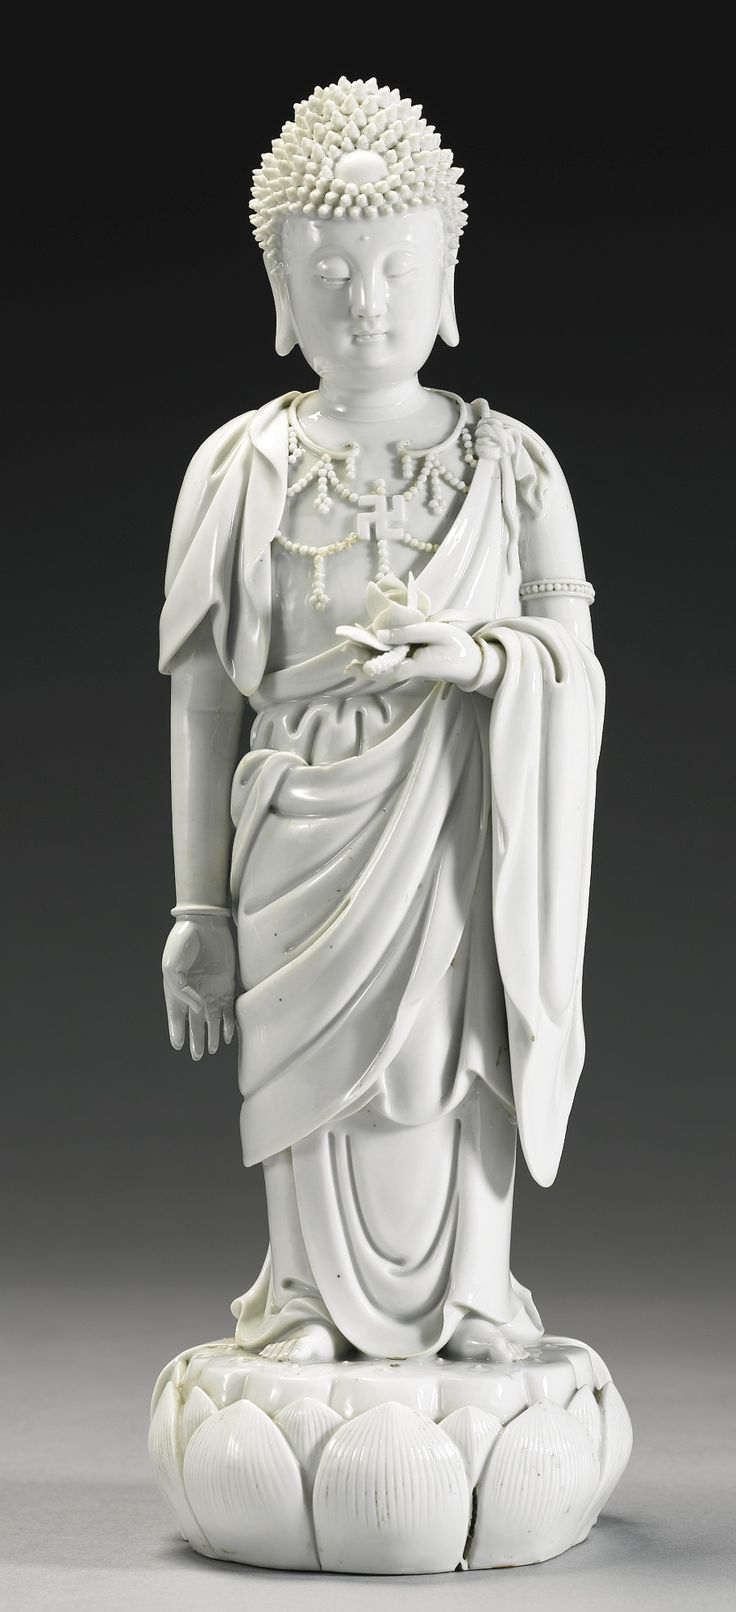 A Dehua figure of Buddha, Qing dynasty, 19th century